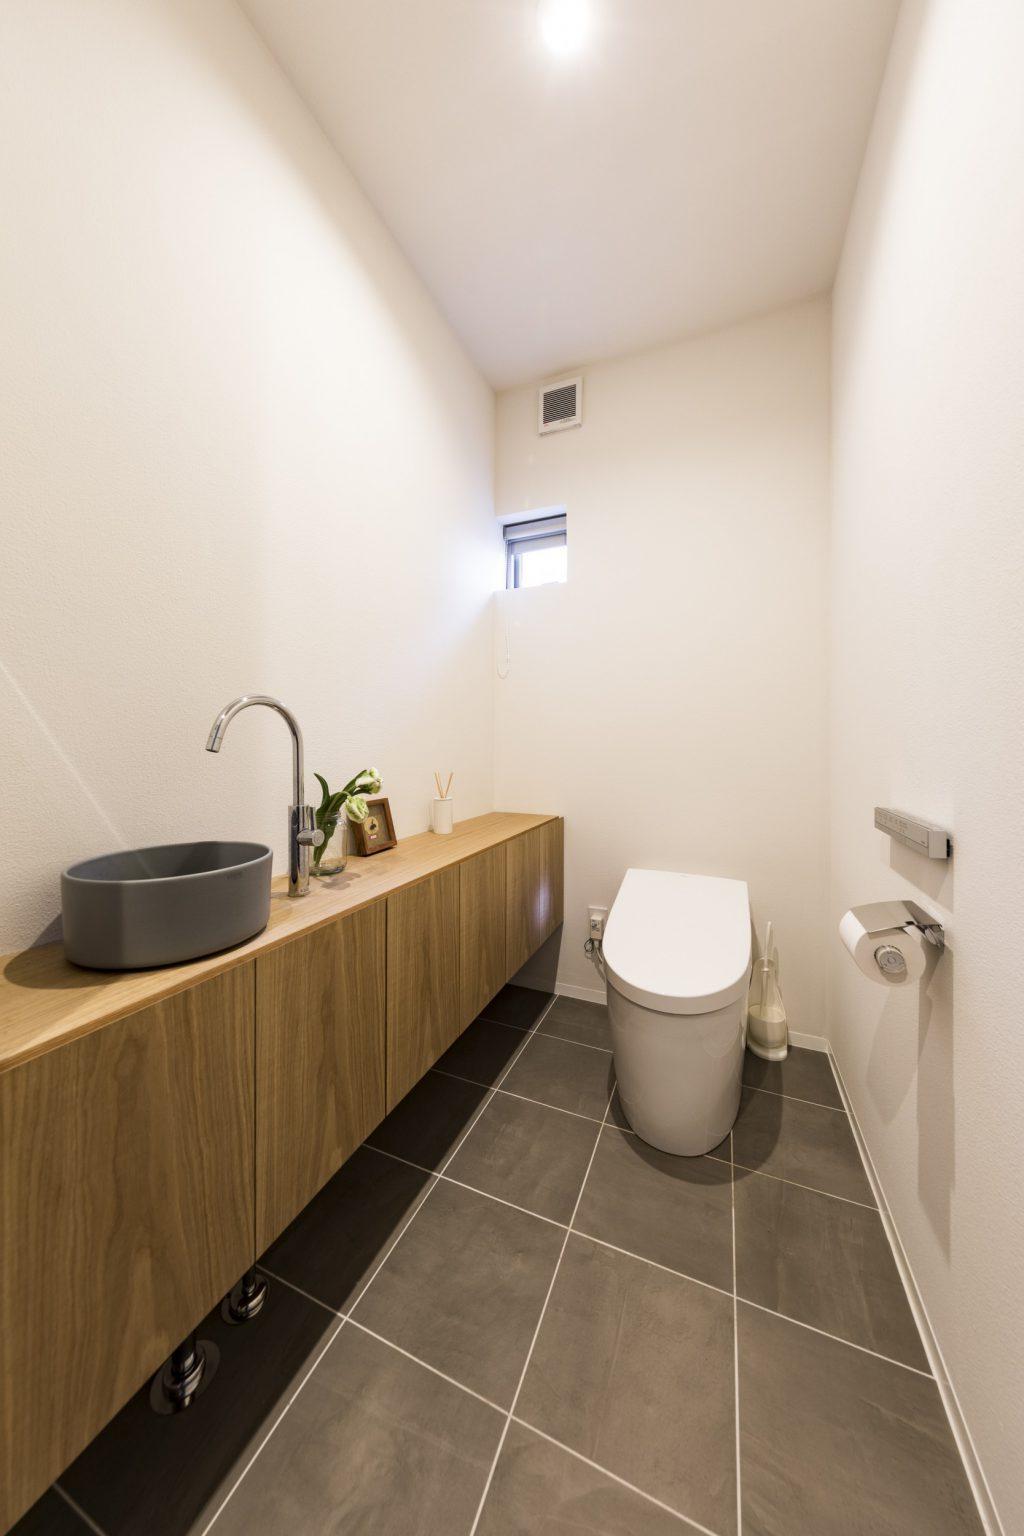 岐阜県瑞穂市の二世帯住宅リノベーション事例のシンプルなトイレ